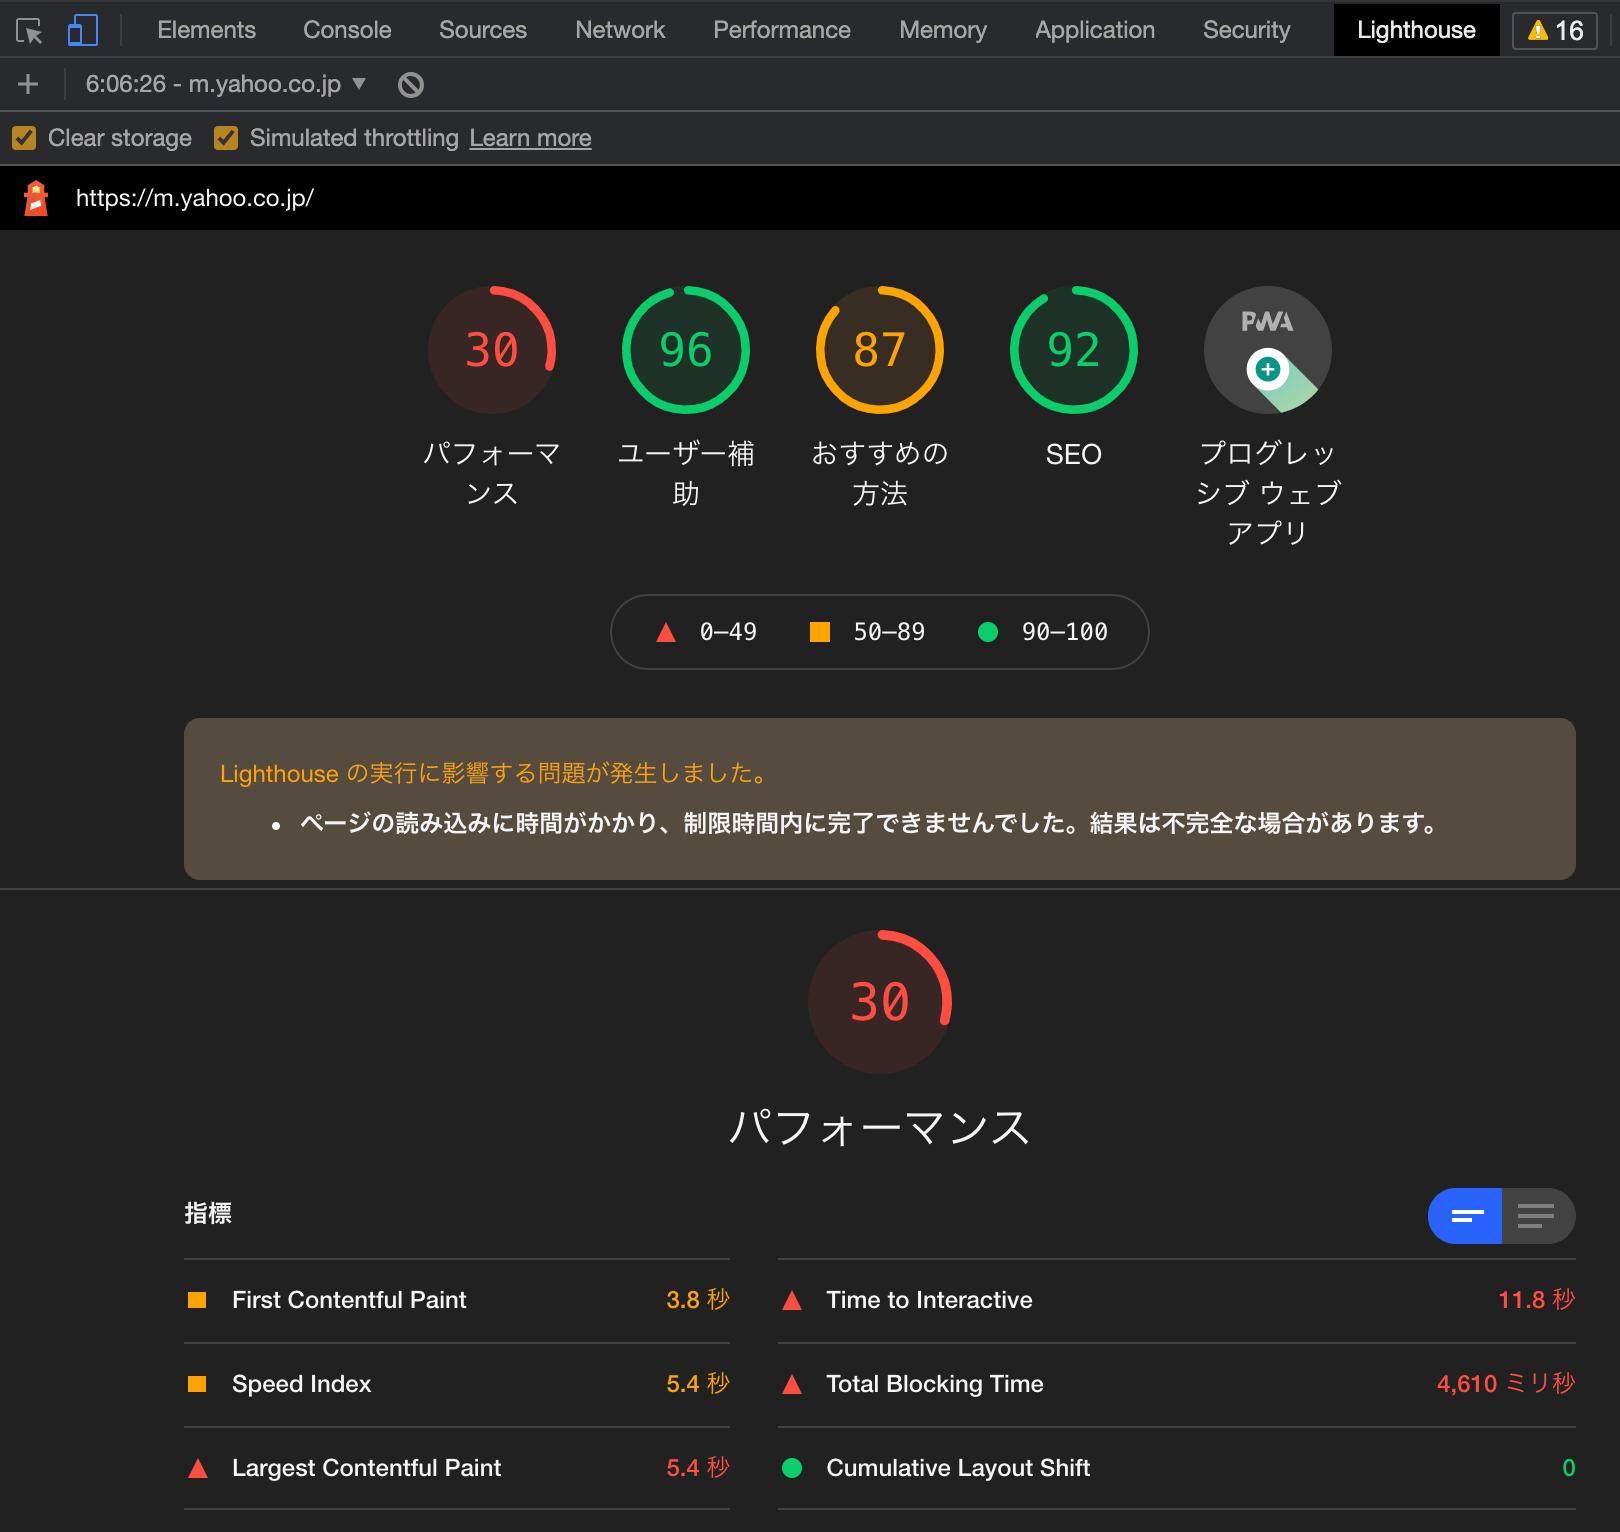 日本語になった Lighthouse 7.0.0 の測定結果